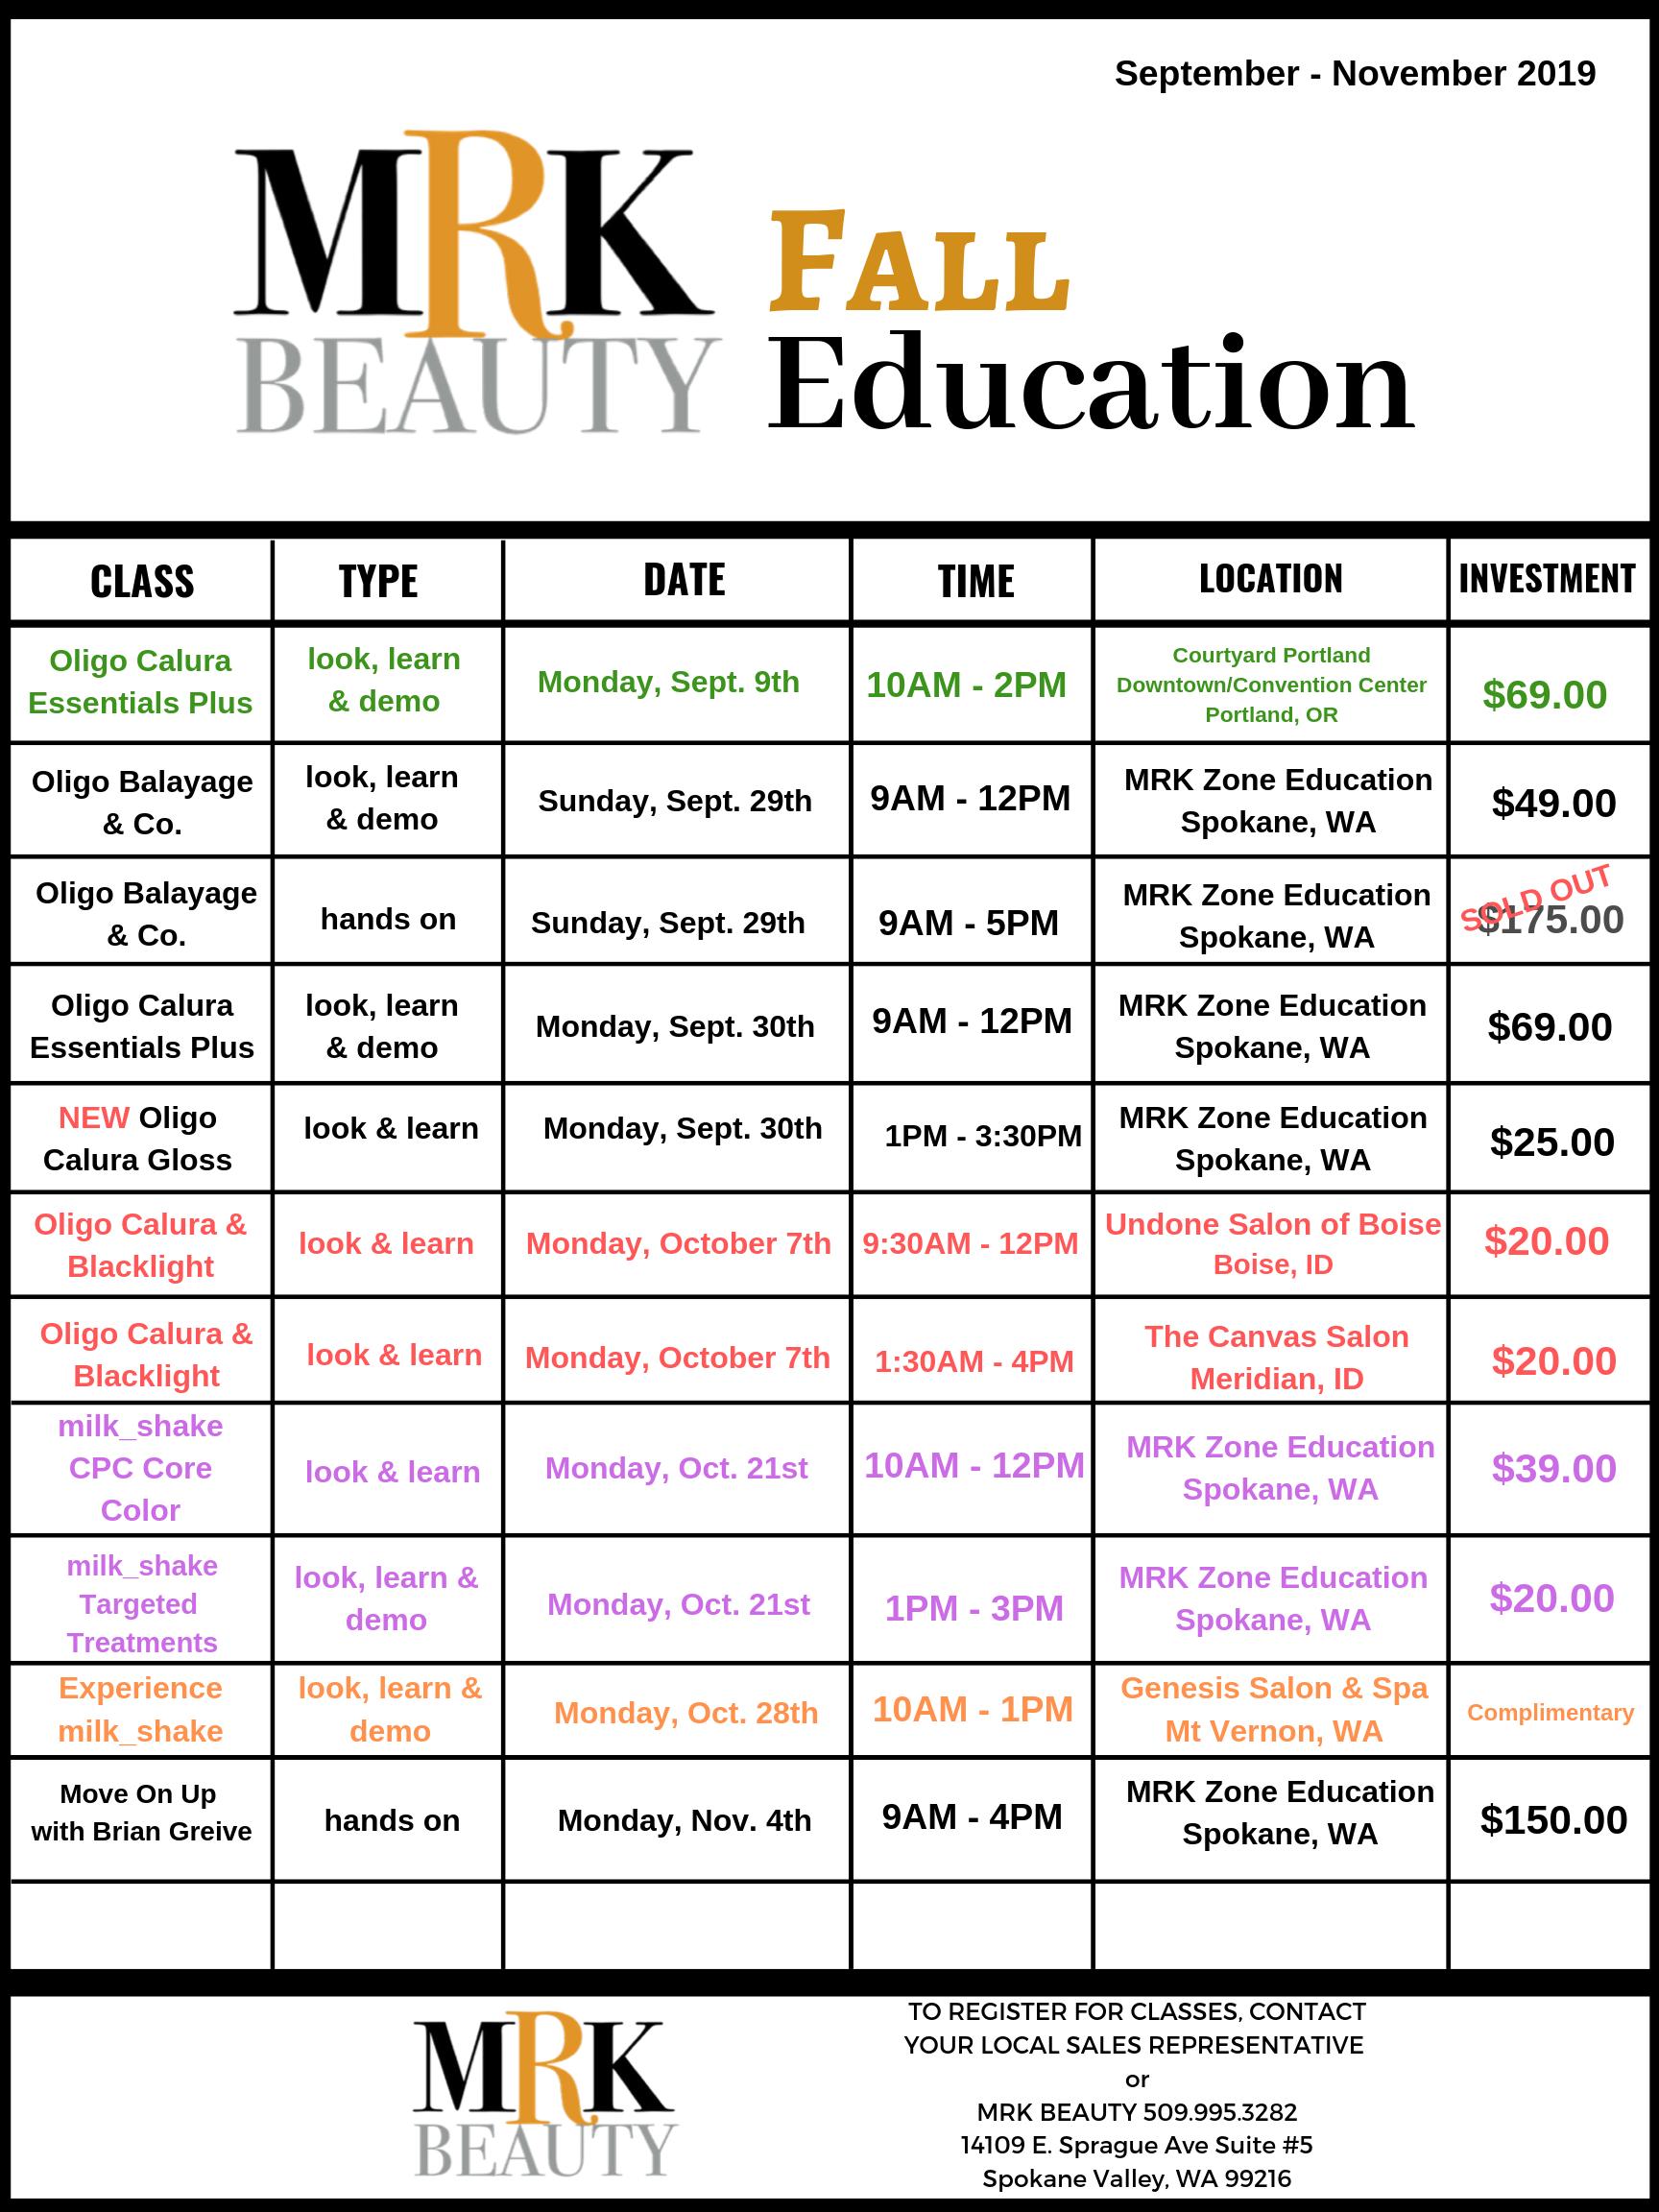 MRK Fall Education Calendar 2019.png